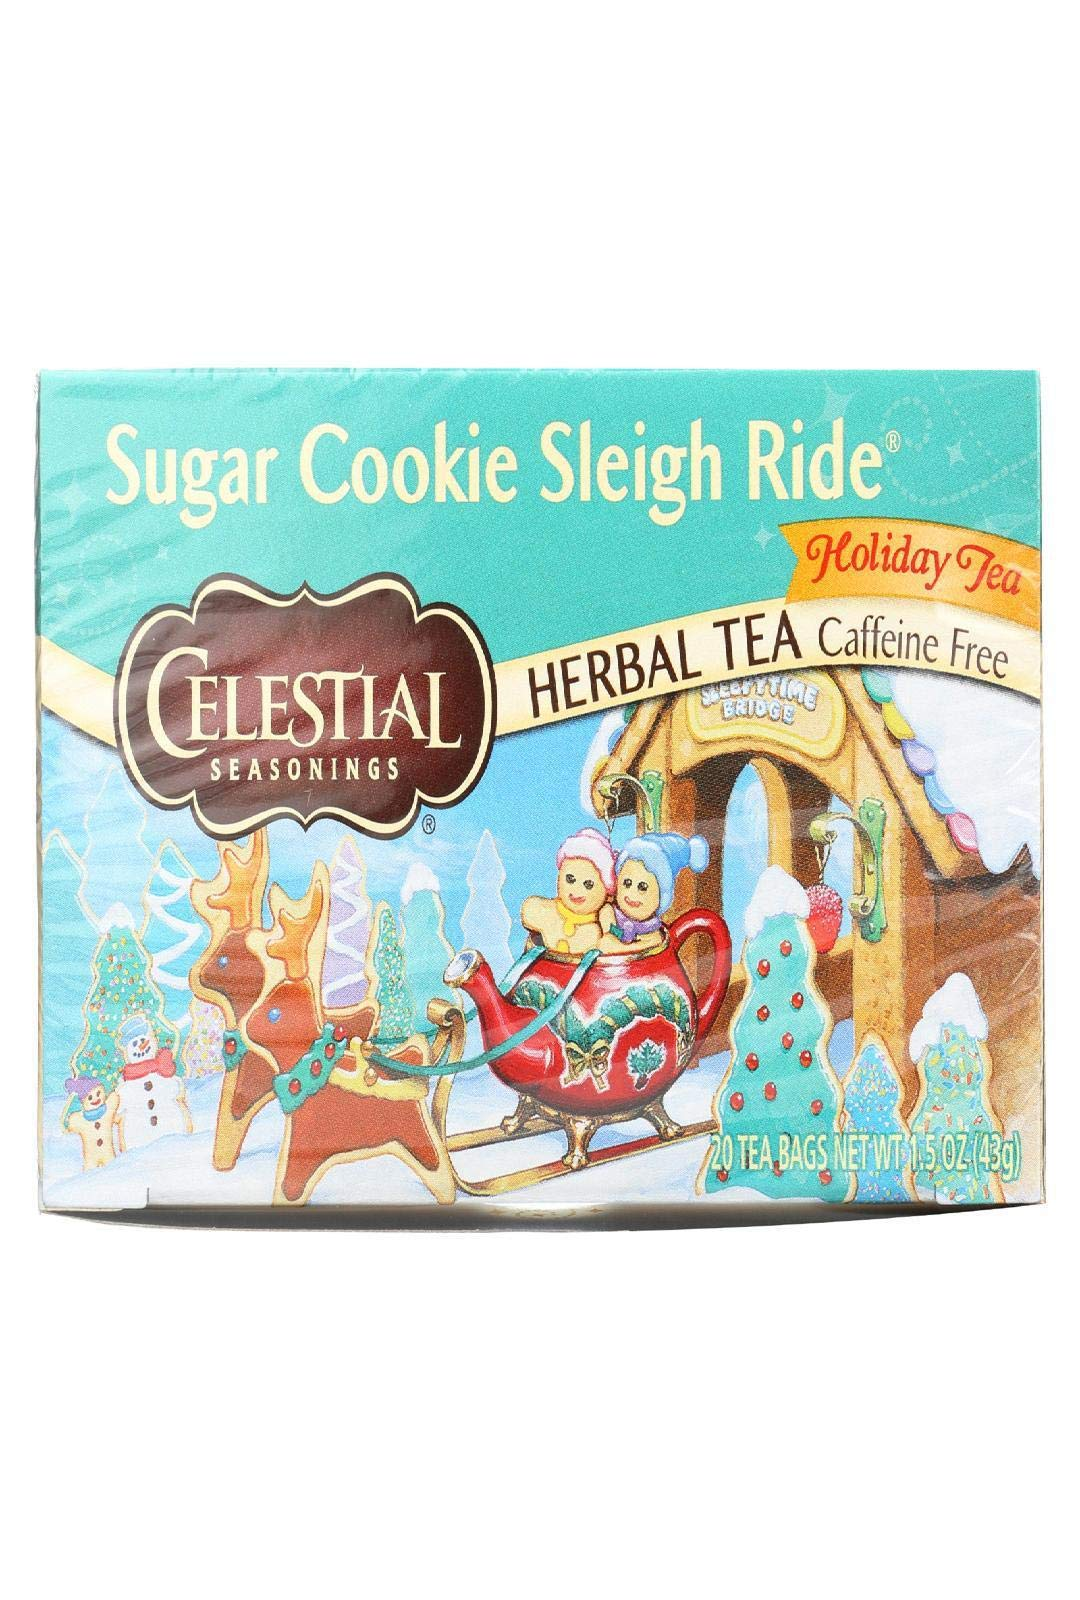 Celestial Seasonings Sugar Cookie Sleigh Ride Tea Bags - 20 ct - 2 Pack